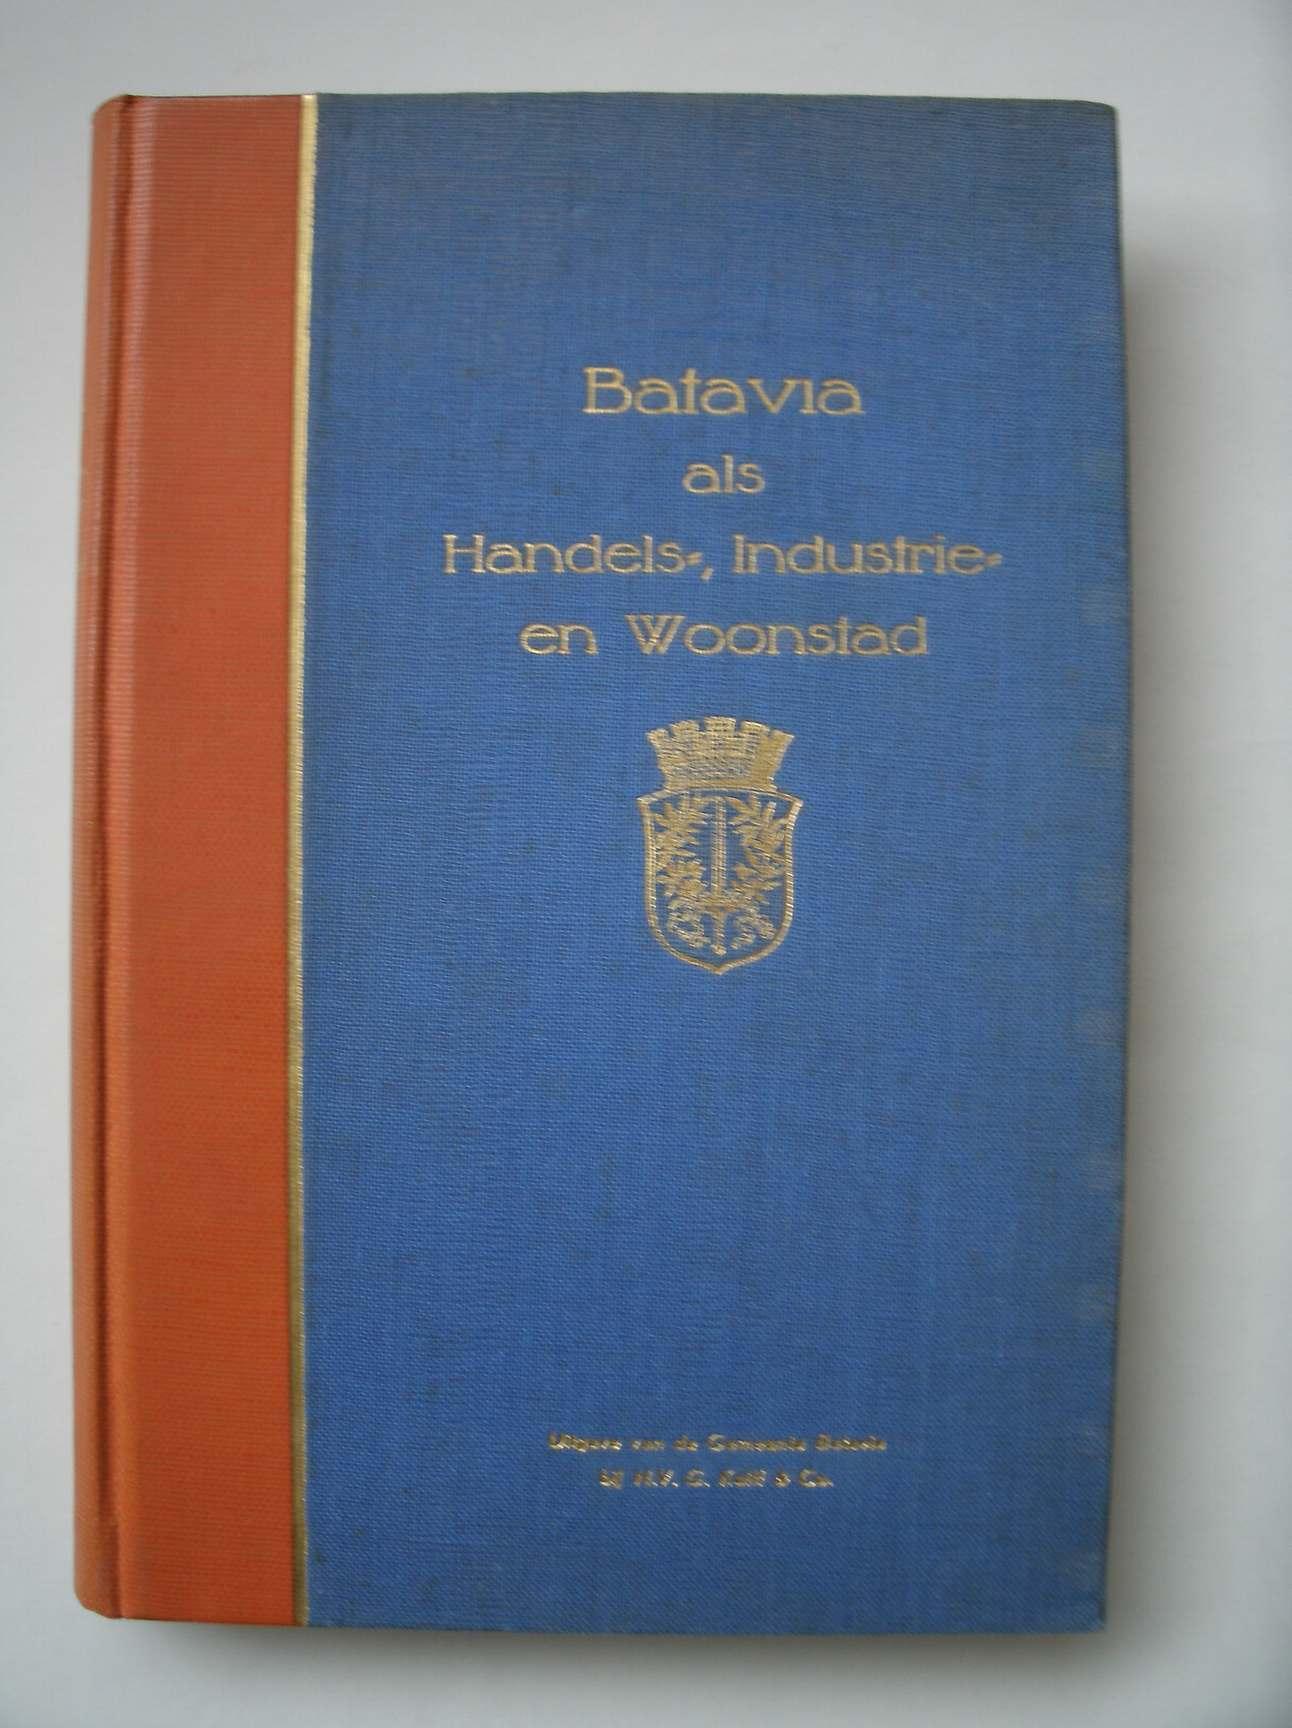 RED. - Batavia als handels-, industrie en woonstad.